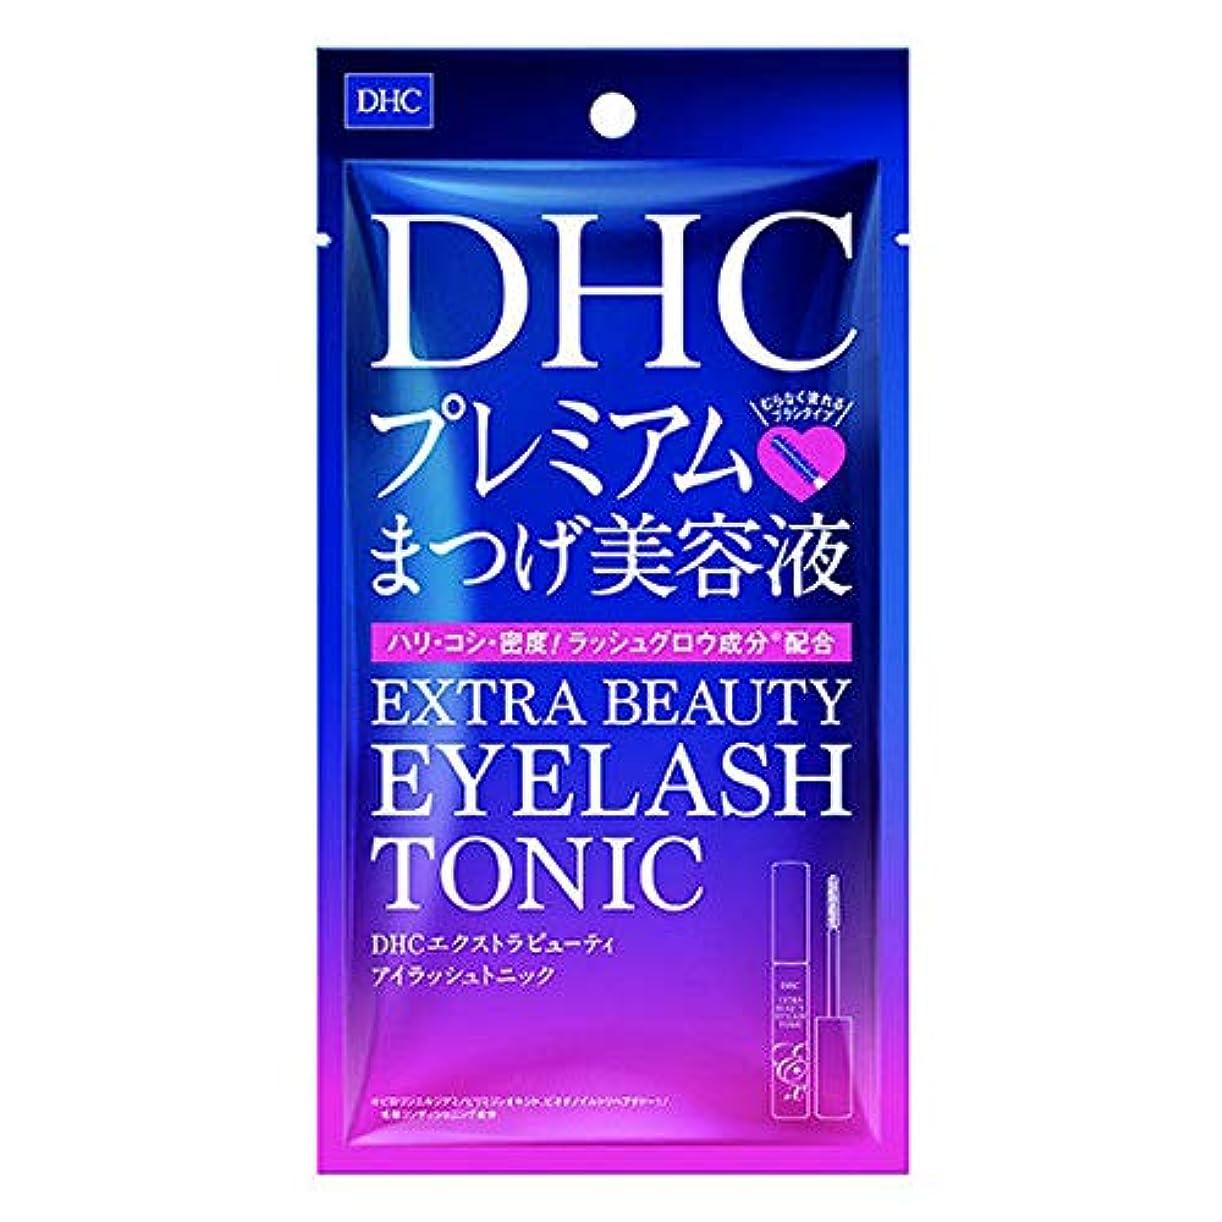 王子言い換えると内向きDHC エクストラビューティアイラッシュトニック 6.5ml プレミアムまつげ美容液